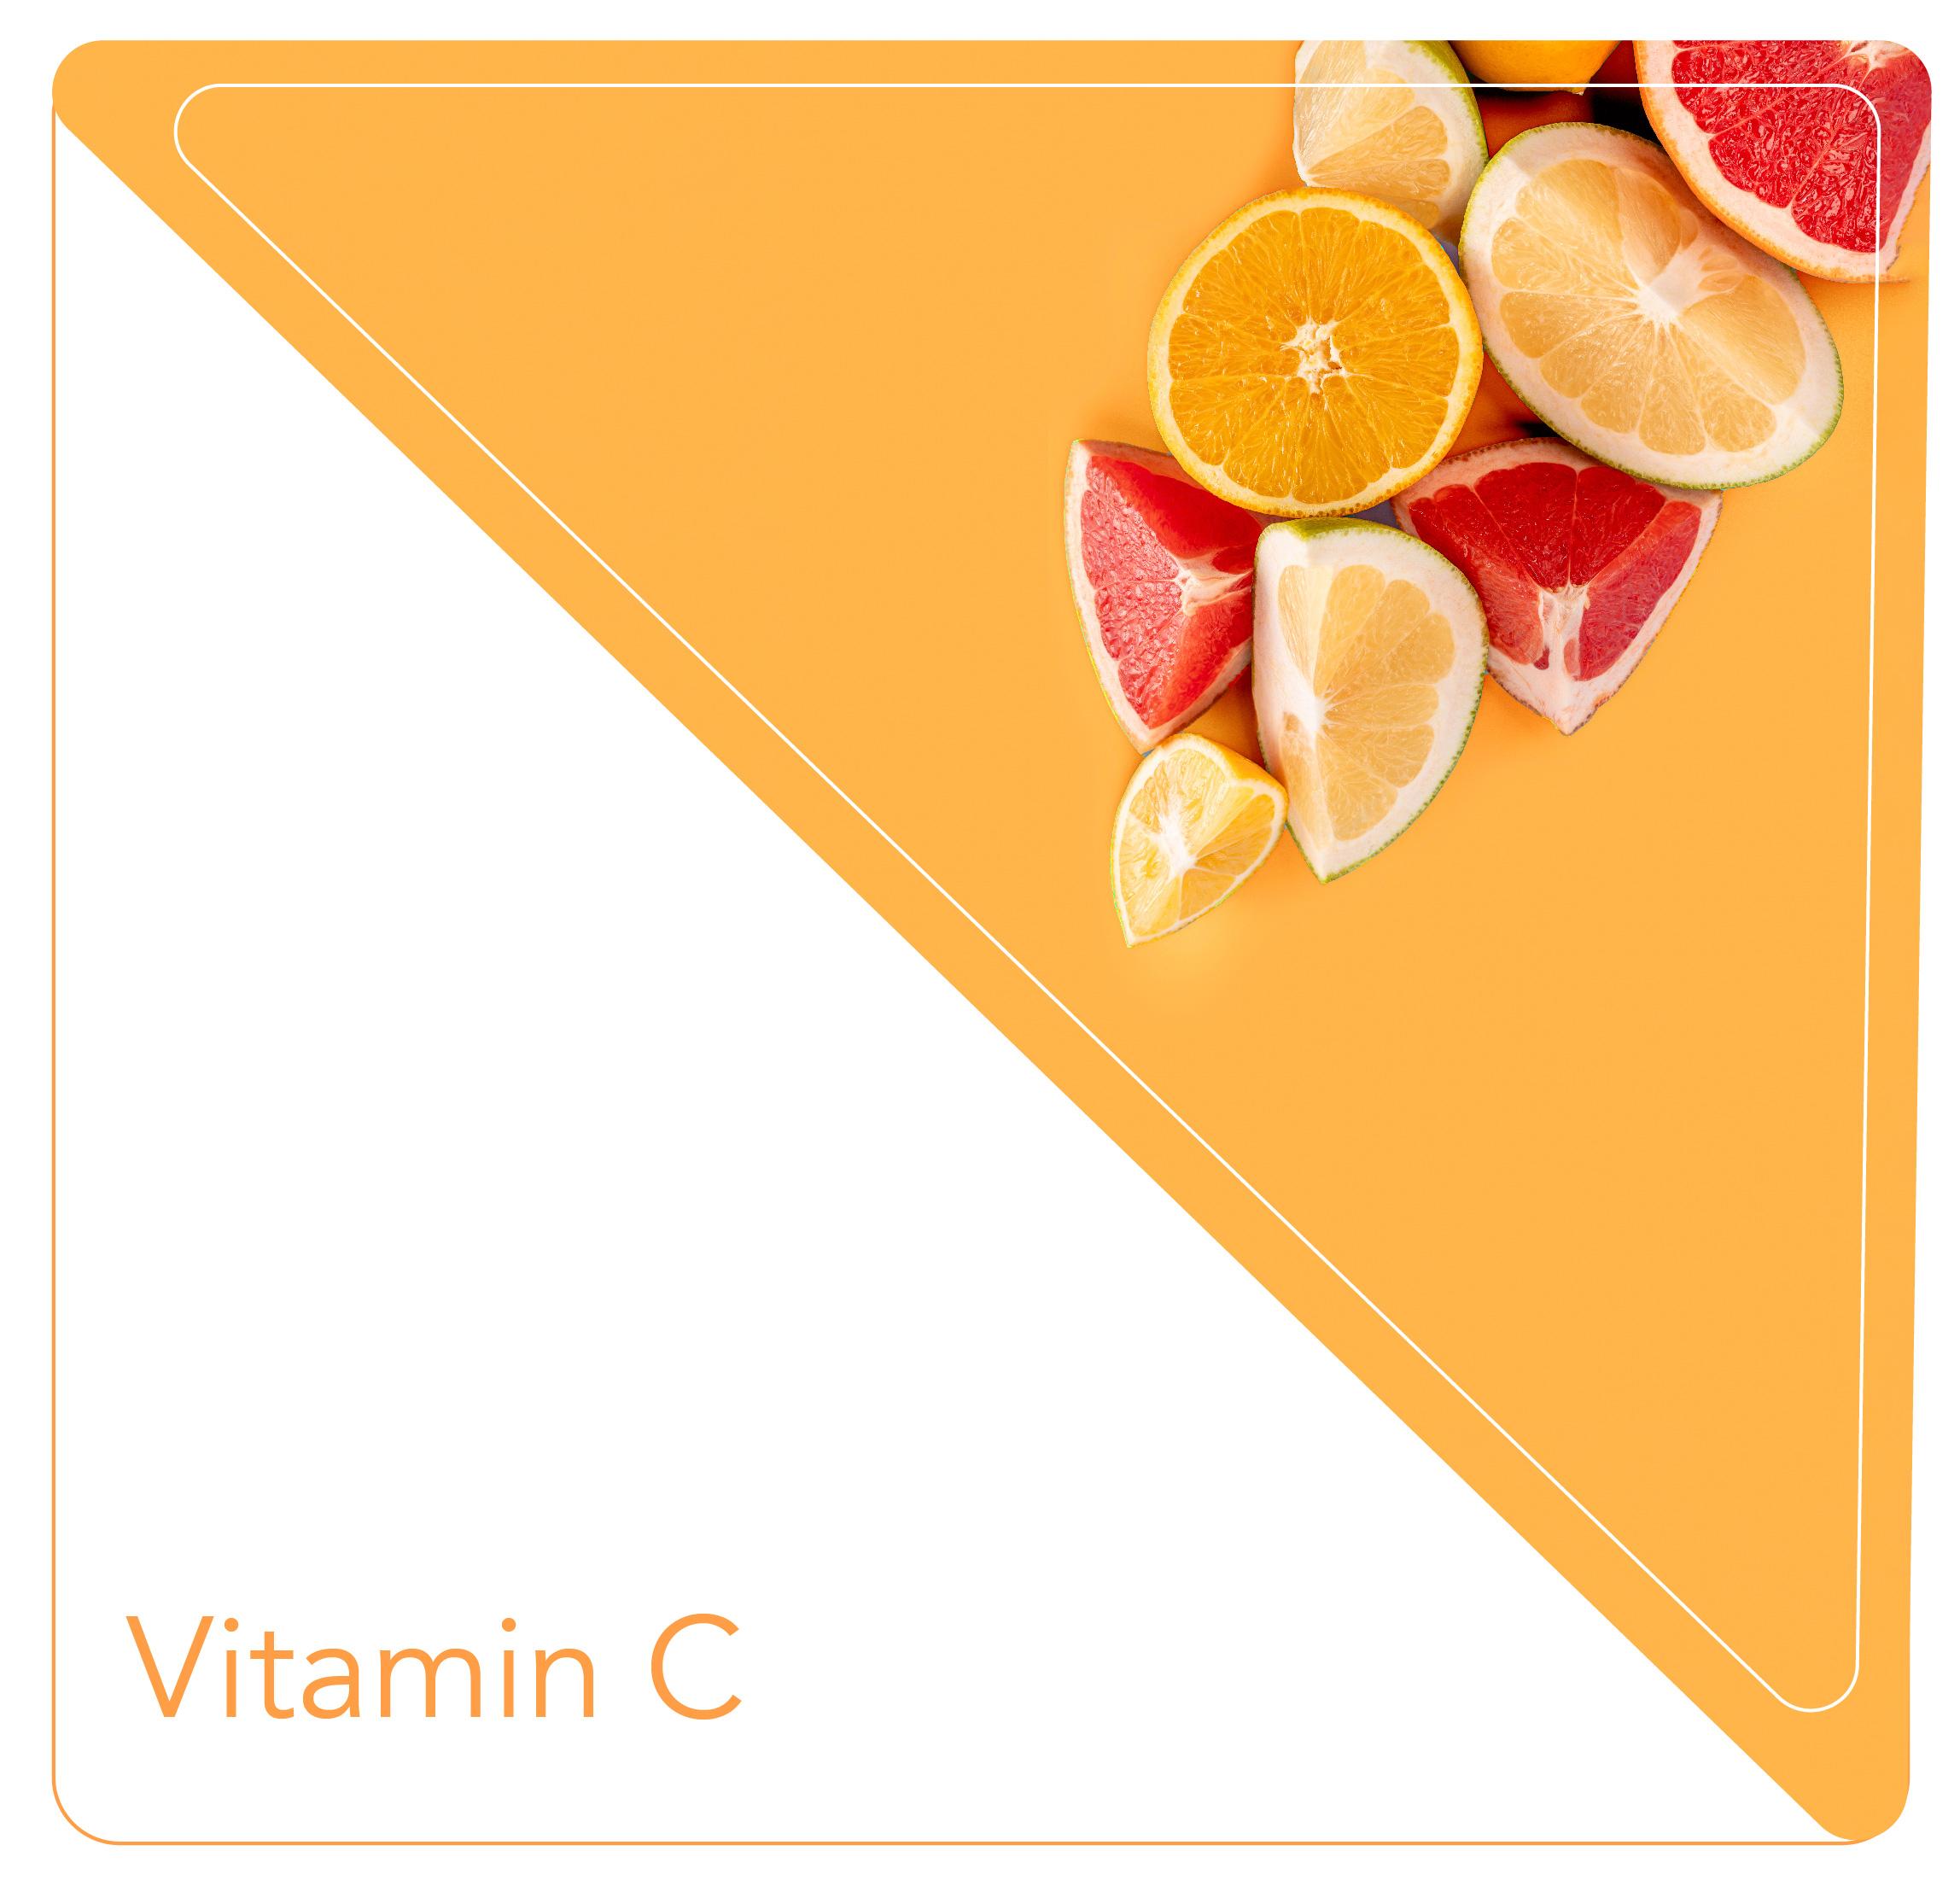 vitamin C-02